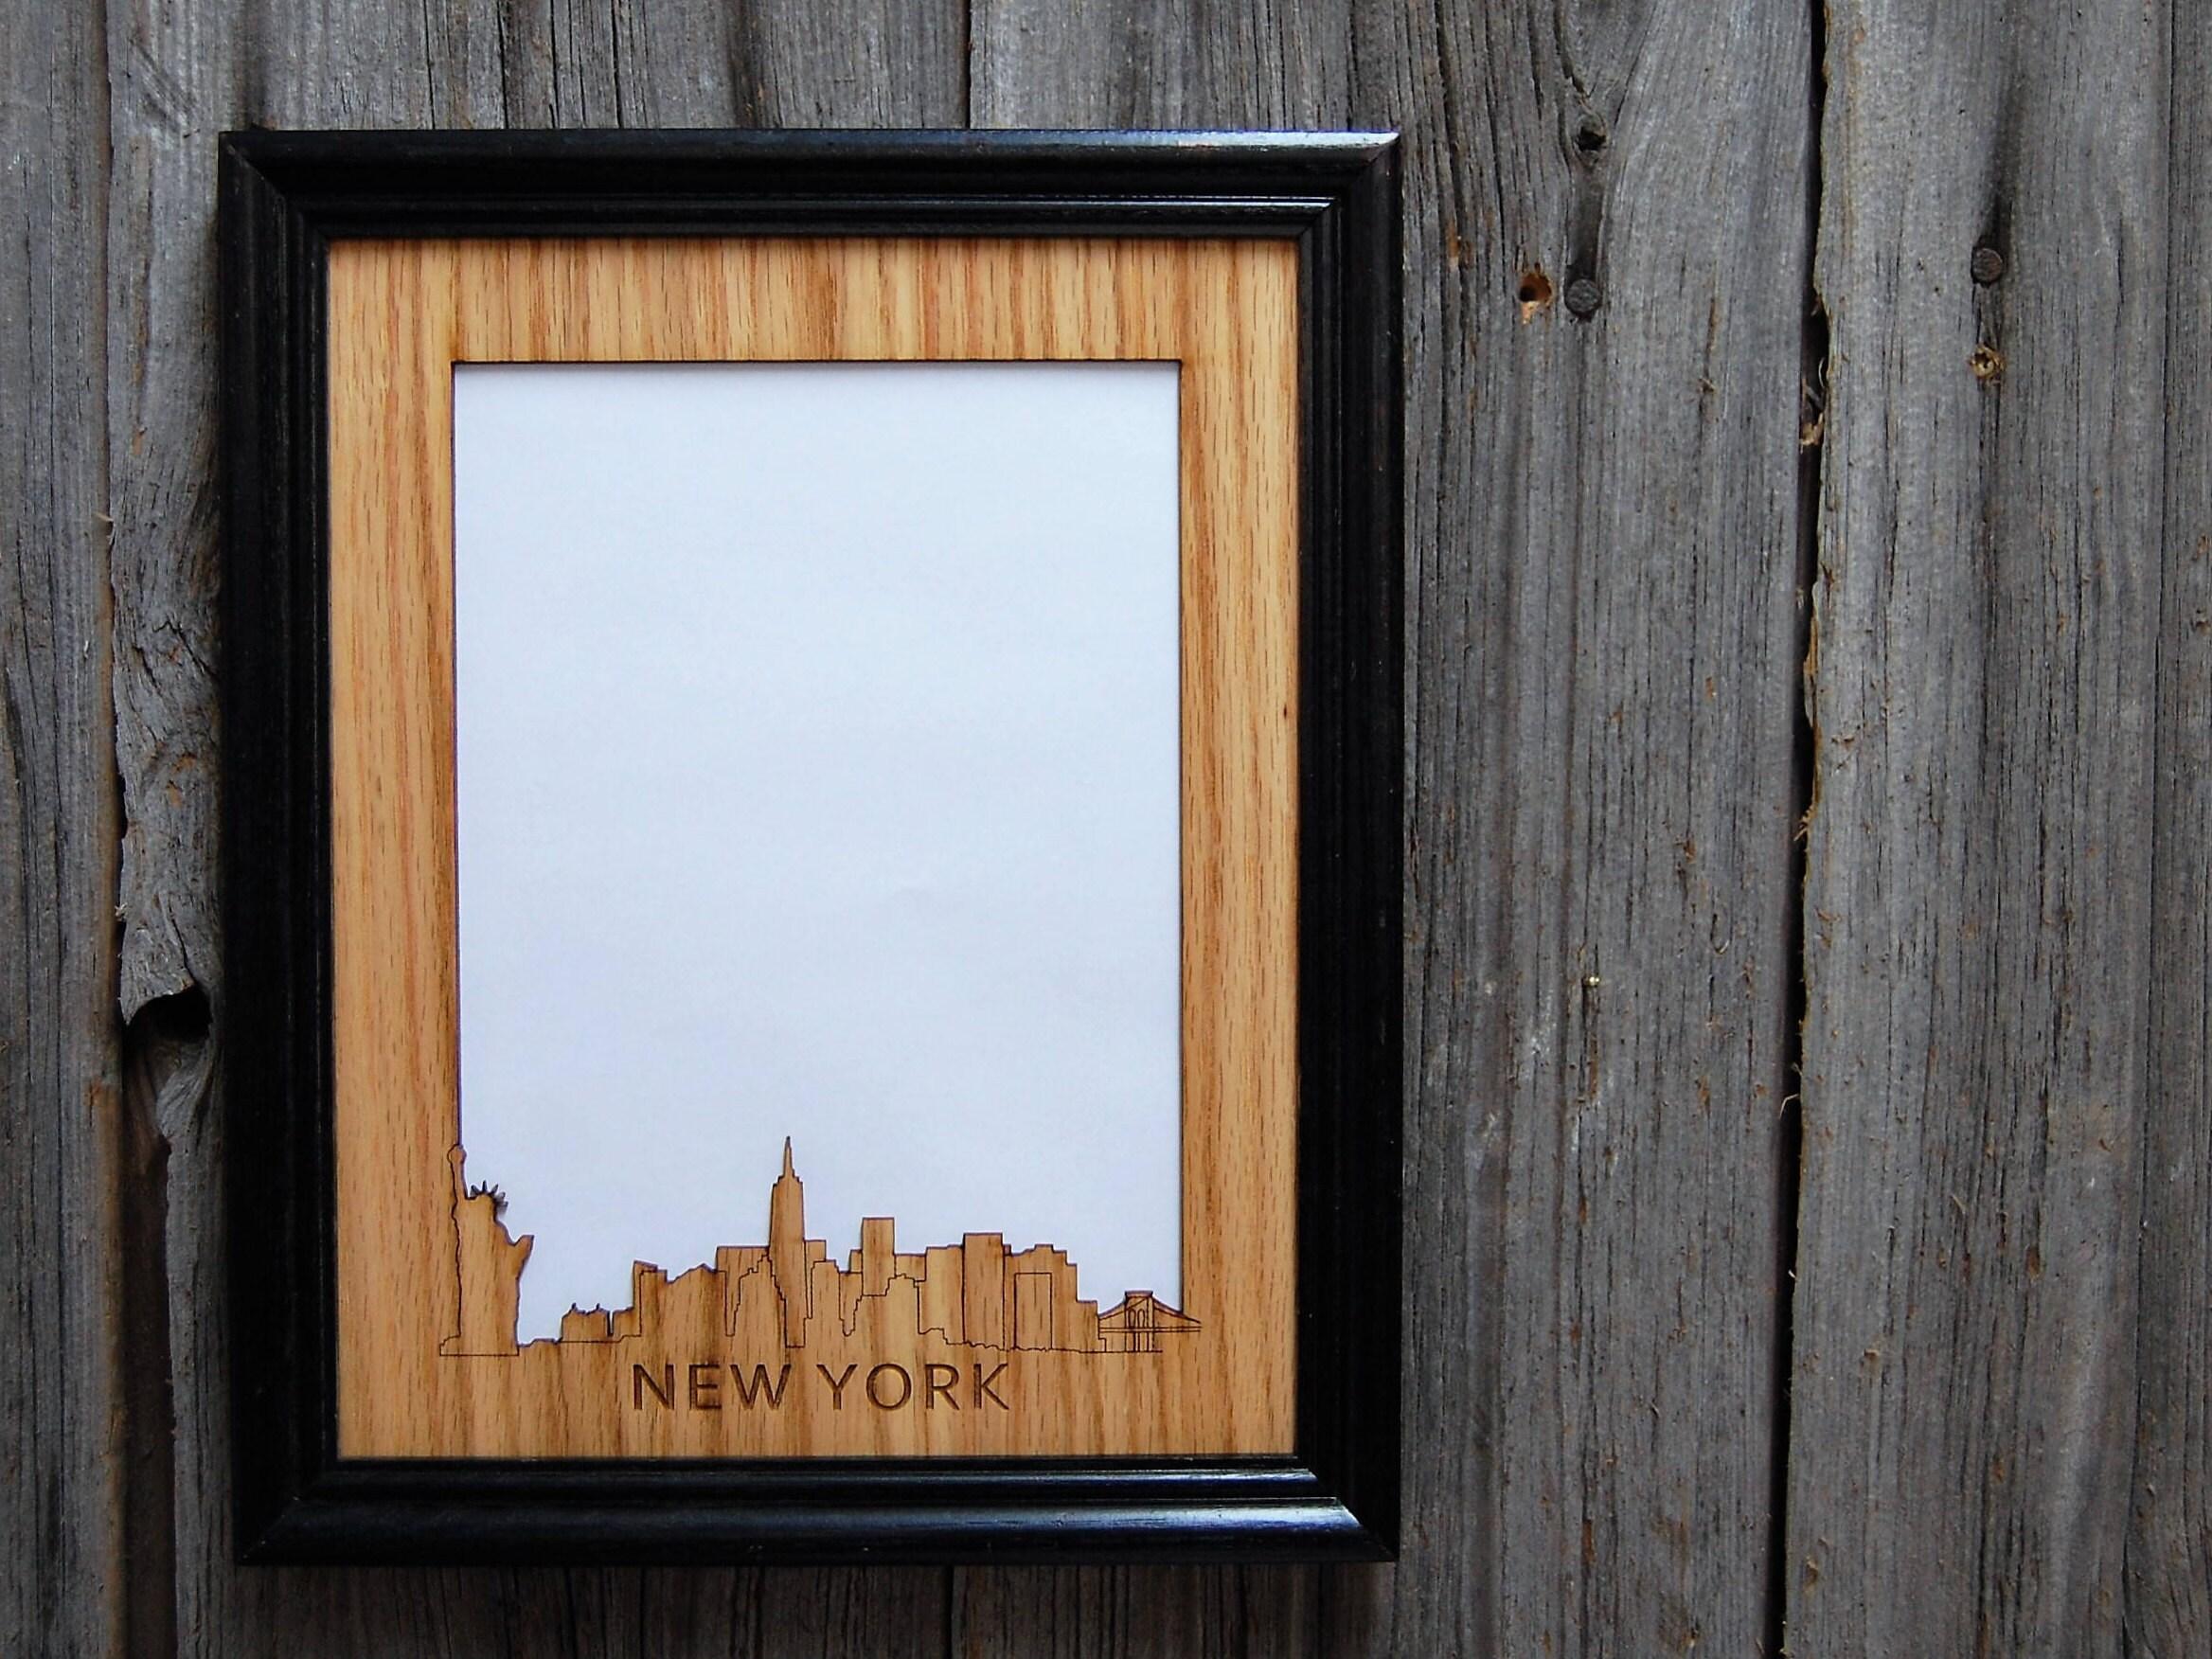 8 x 10 New York Skyline Rahmen NYC Bilderrahmen New York   Etsy